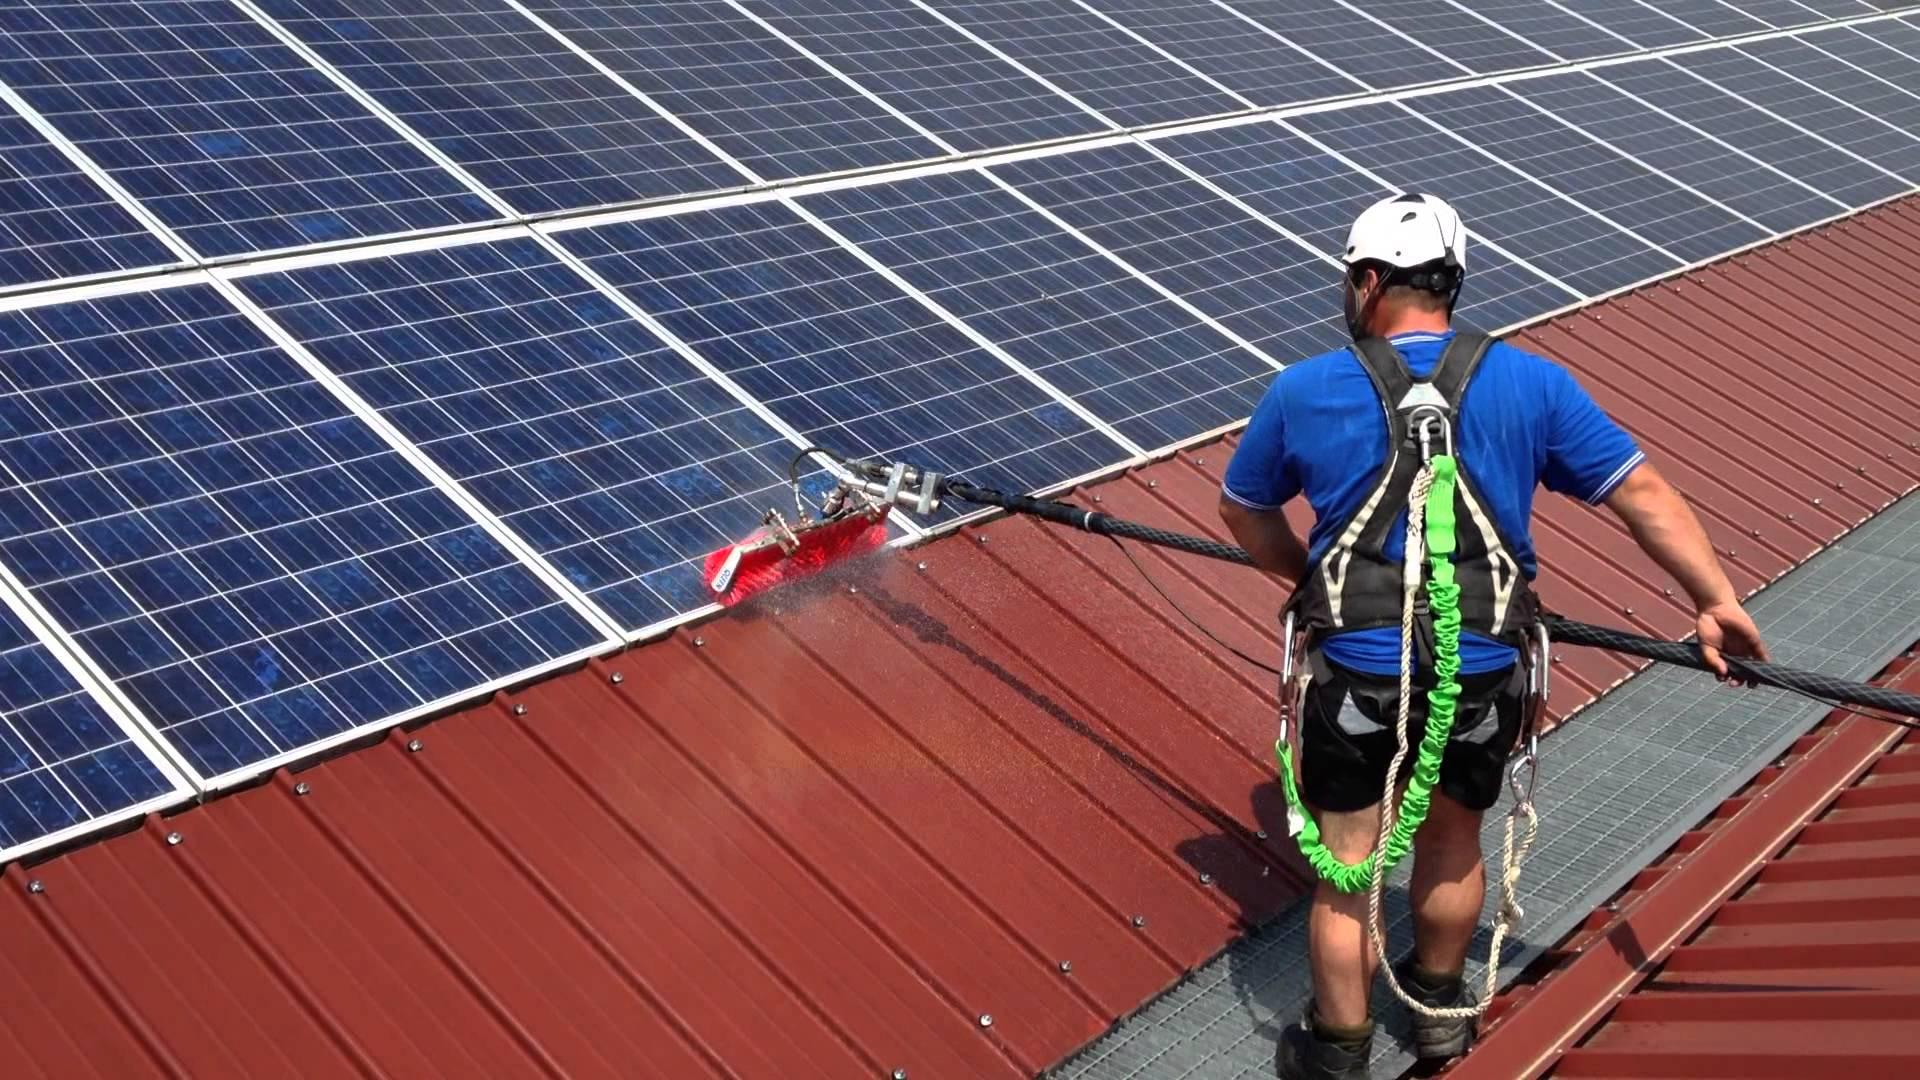 Pannello Solare Per Ebike : Theme builder pulizia e controllo impianto